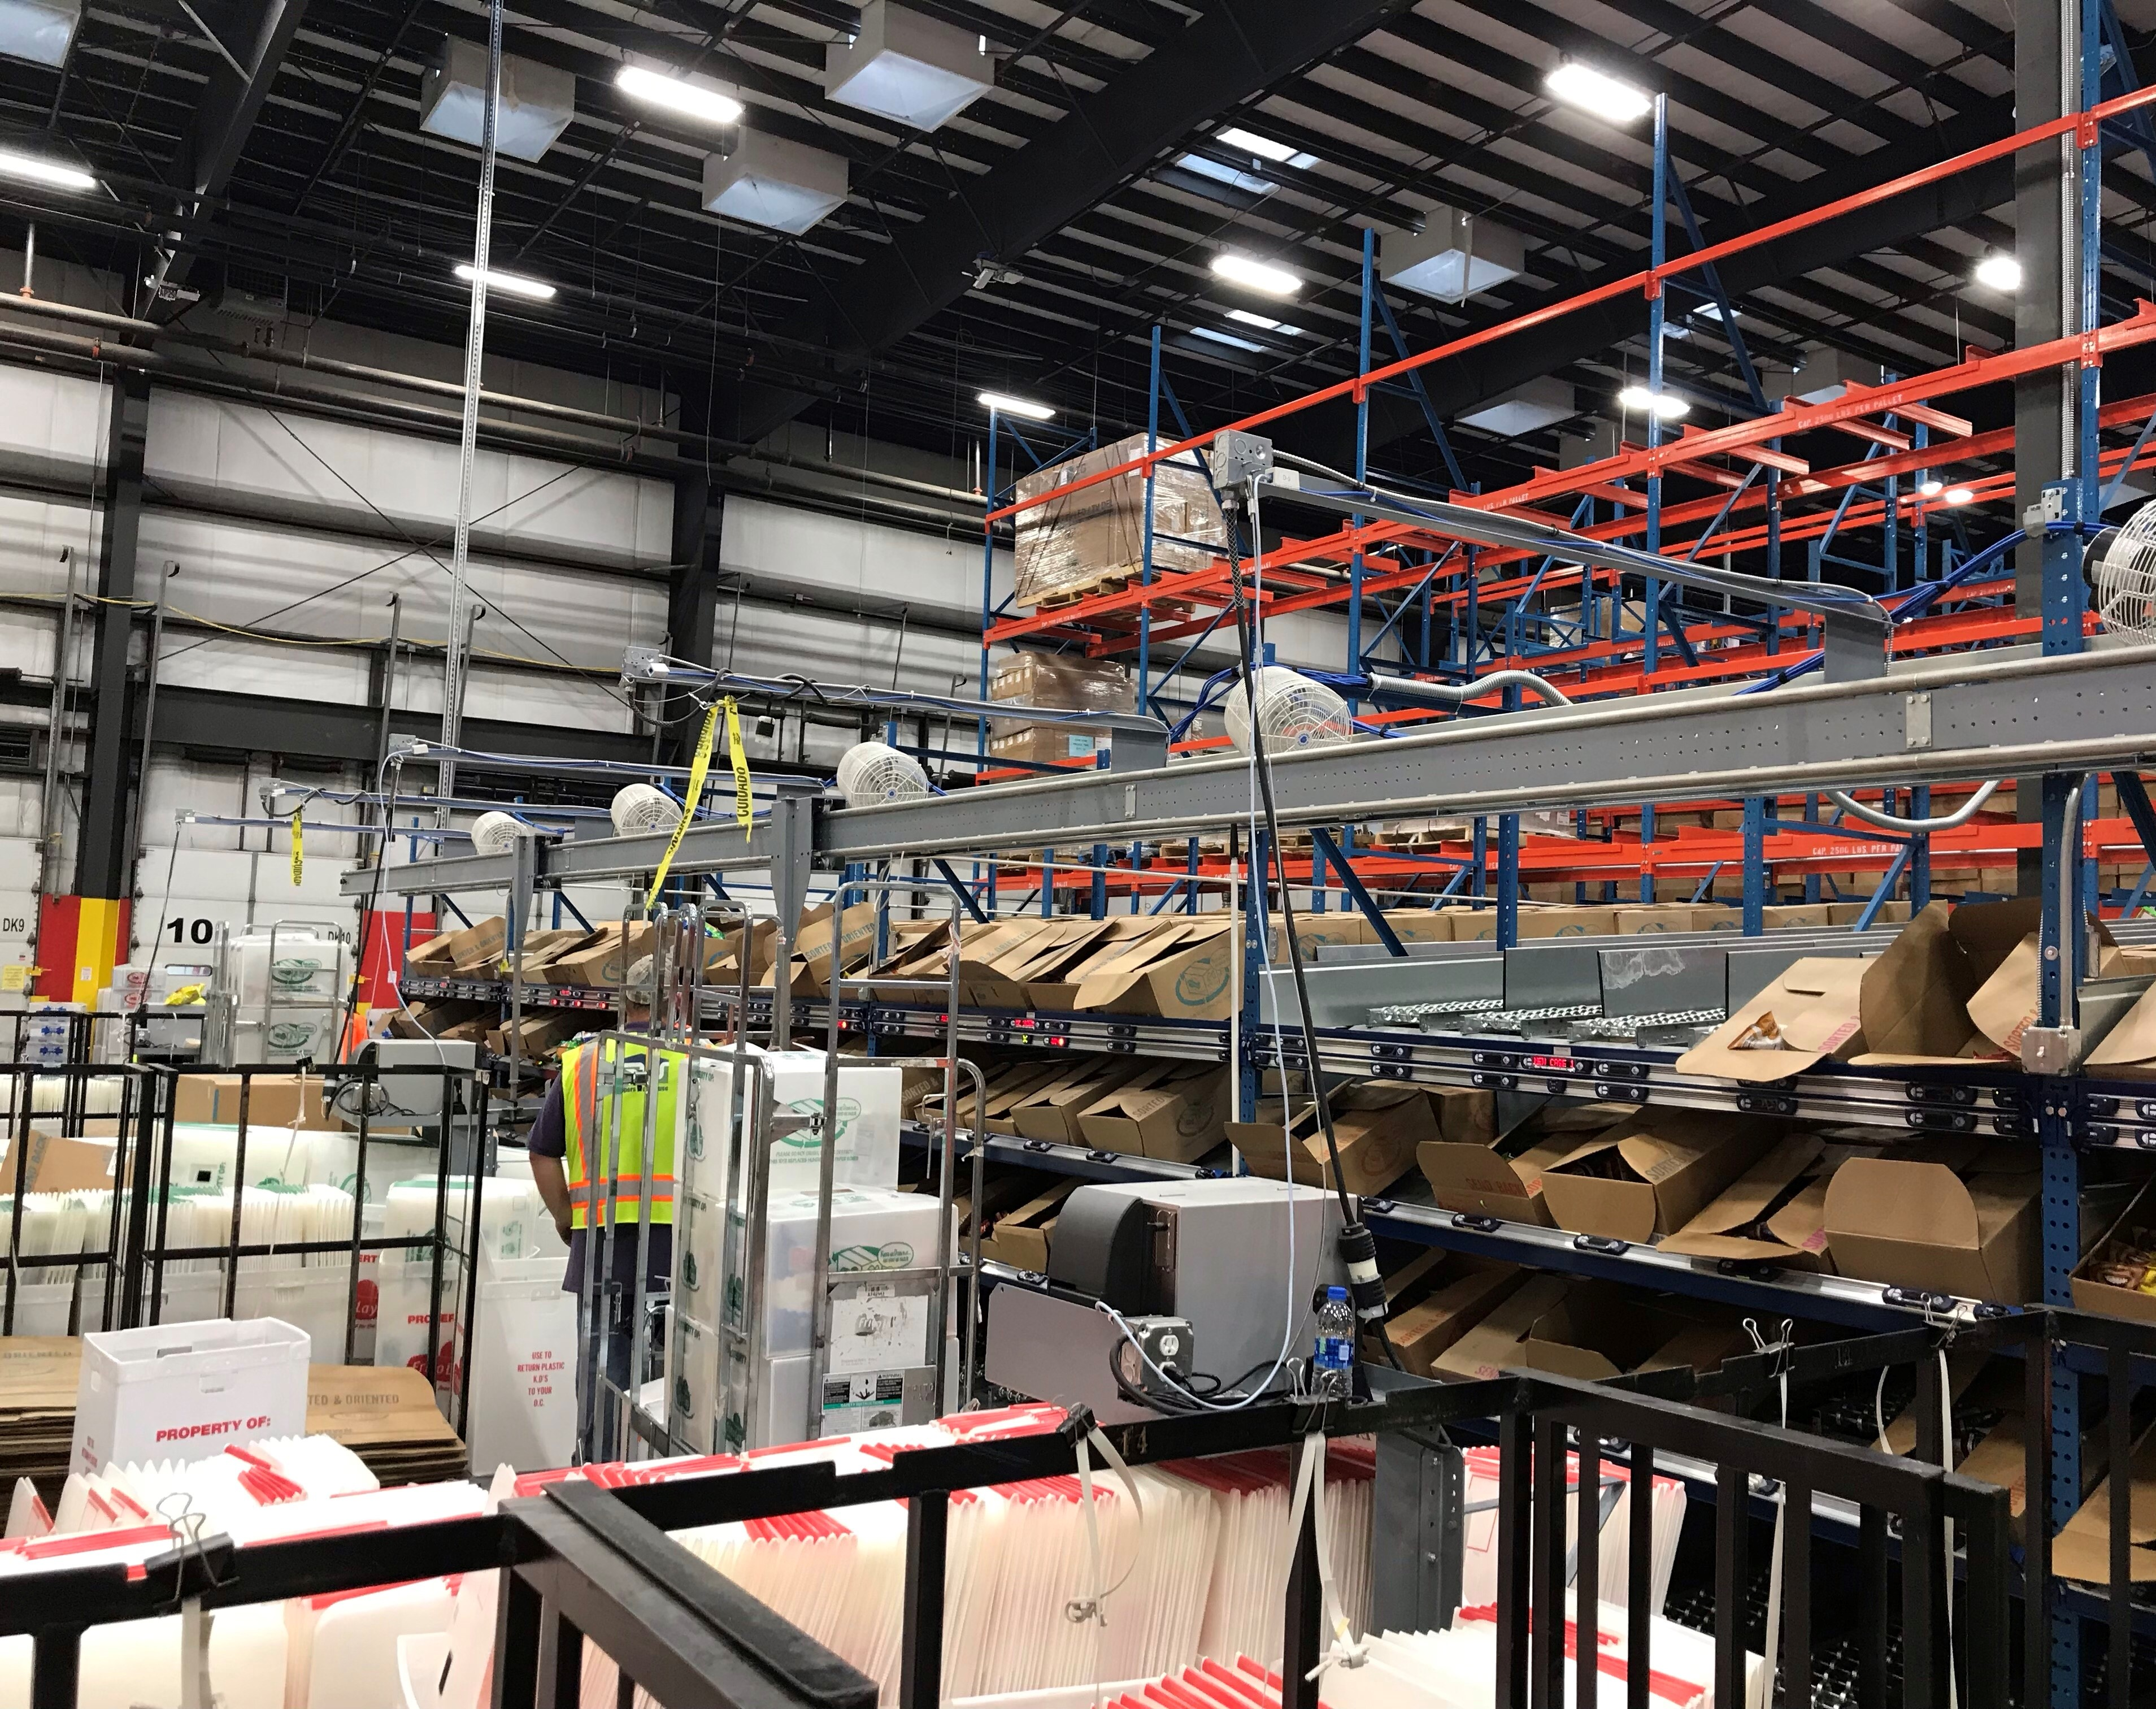 TSG's Houston Distribution Center